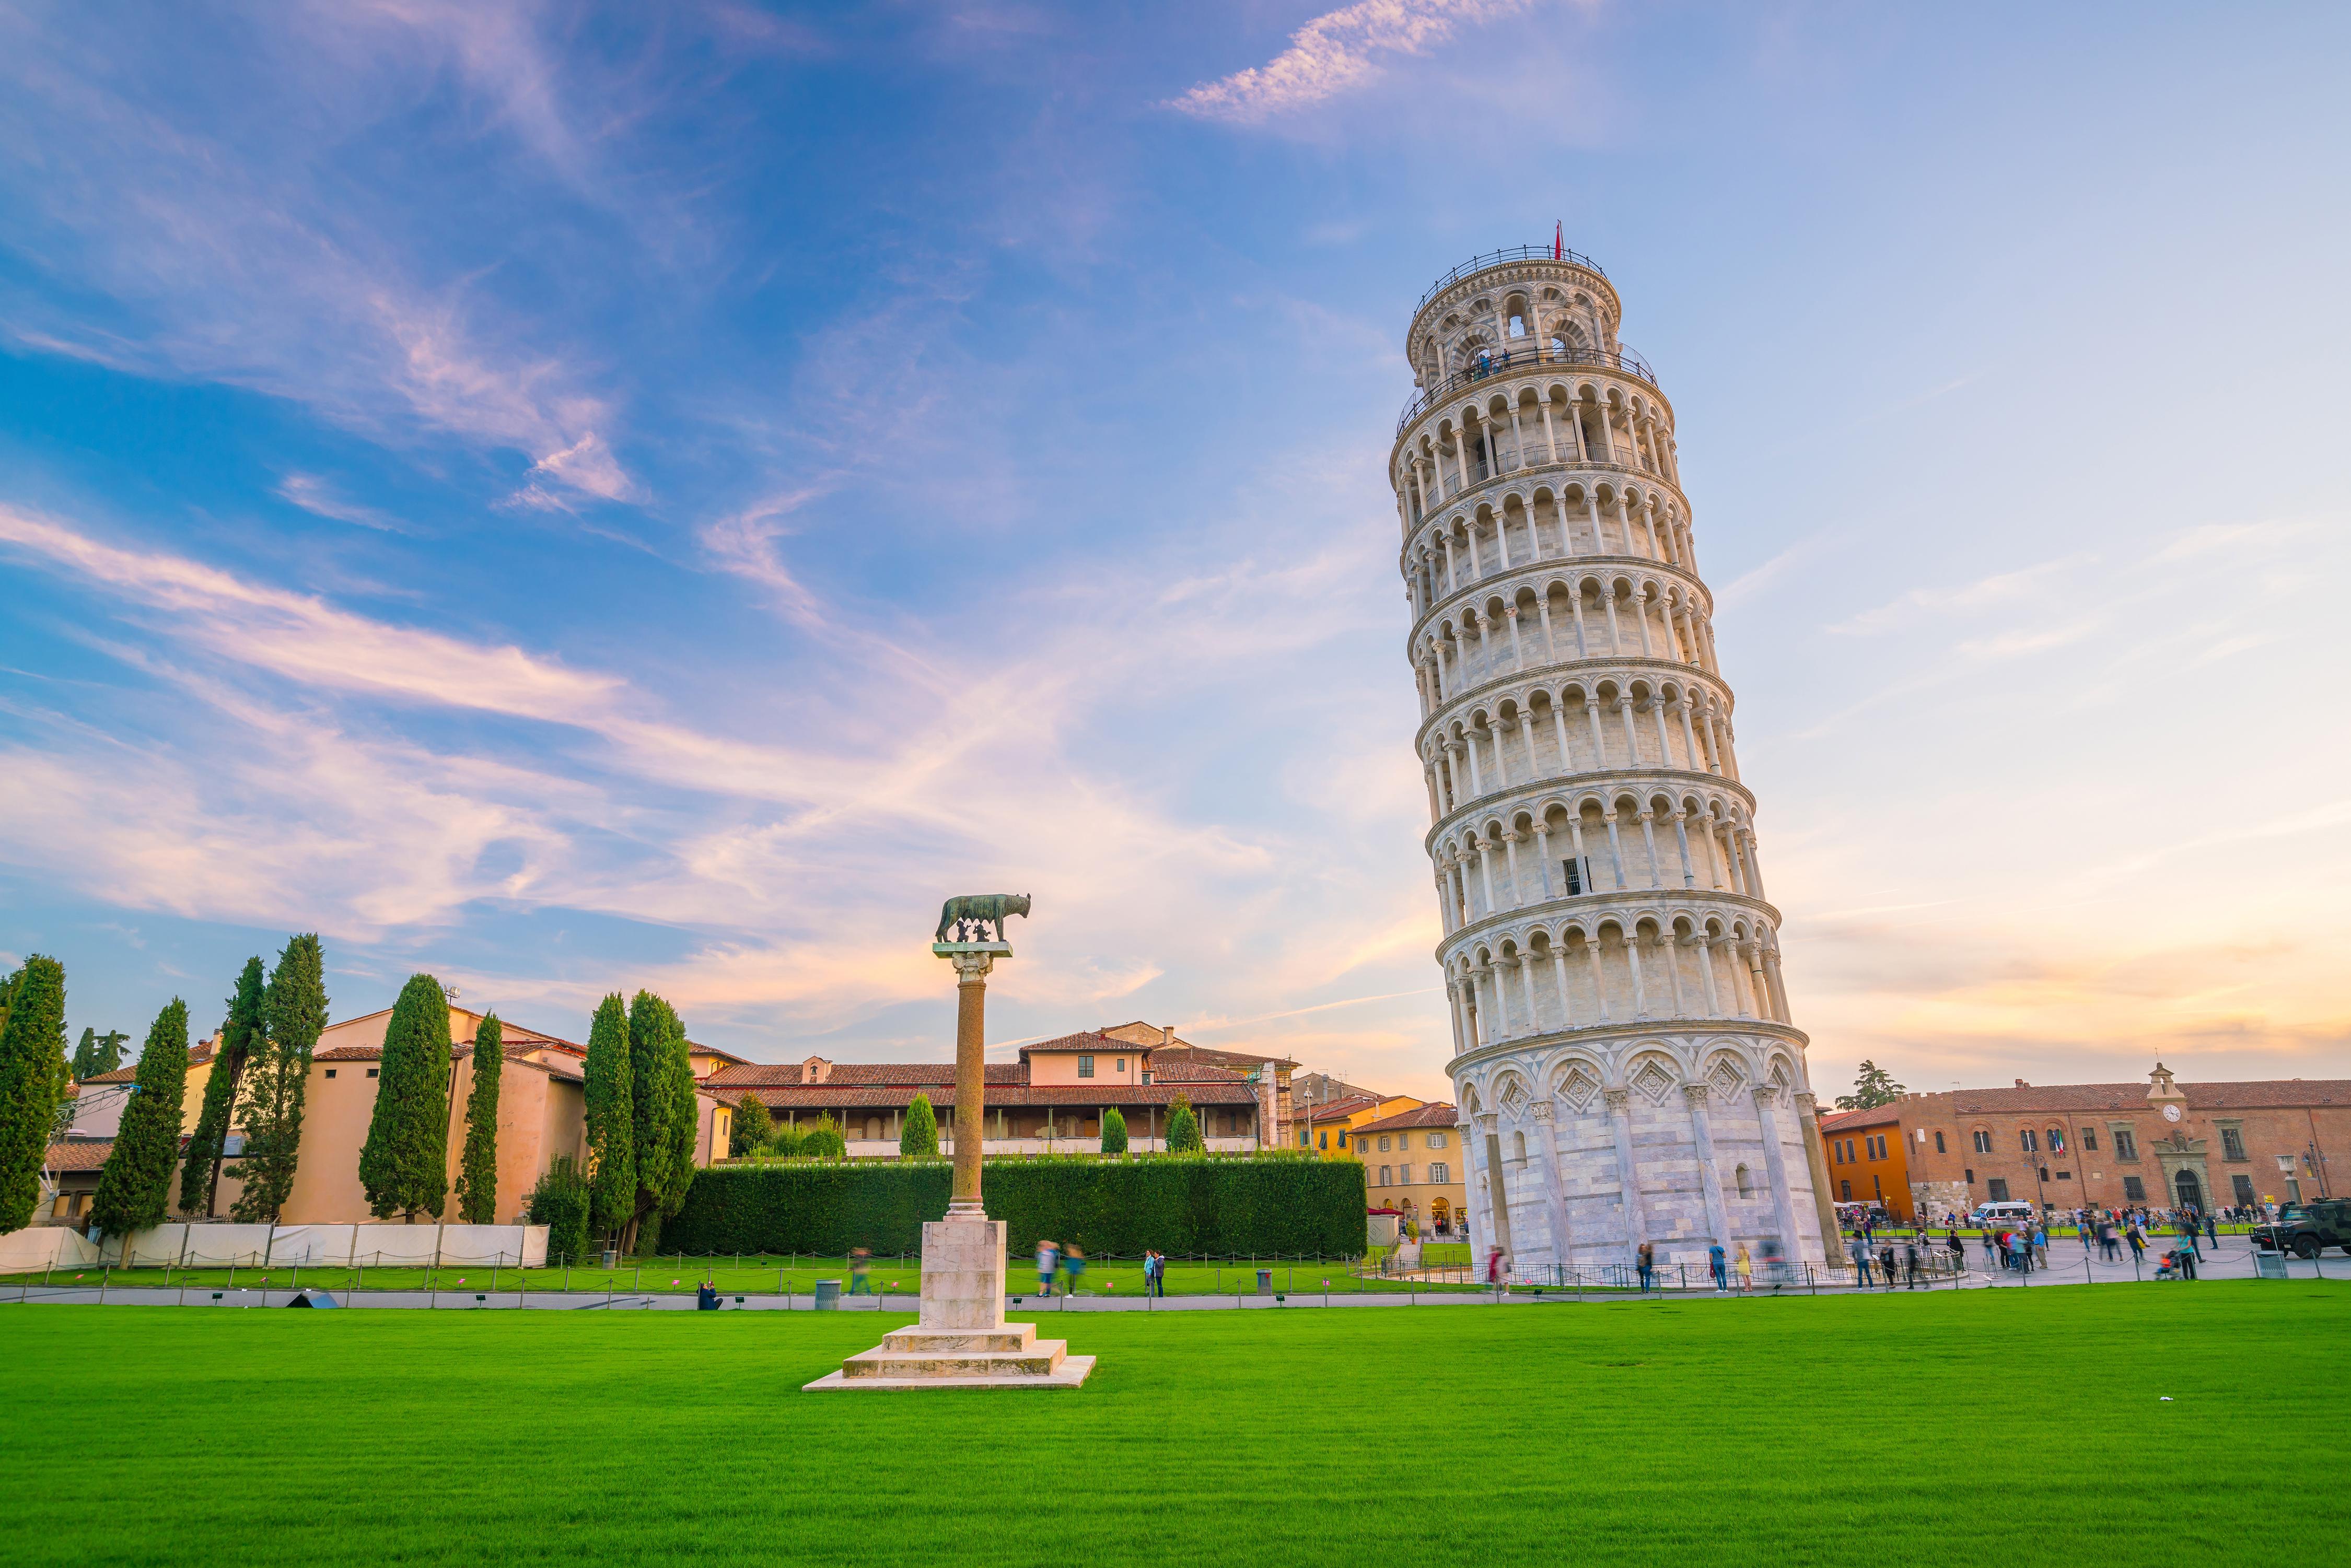 Пизанская башня в Италии, ПМЖ которой могут получить иностранцы